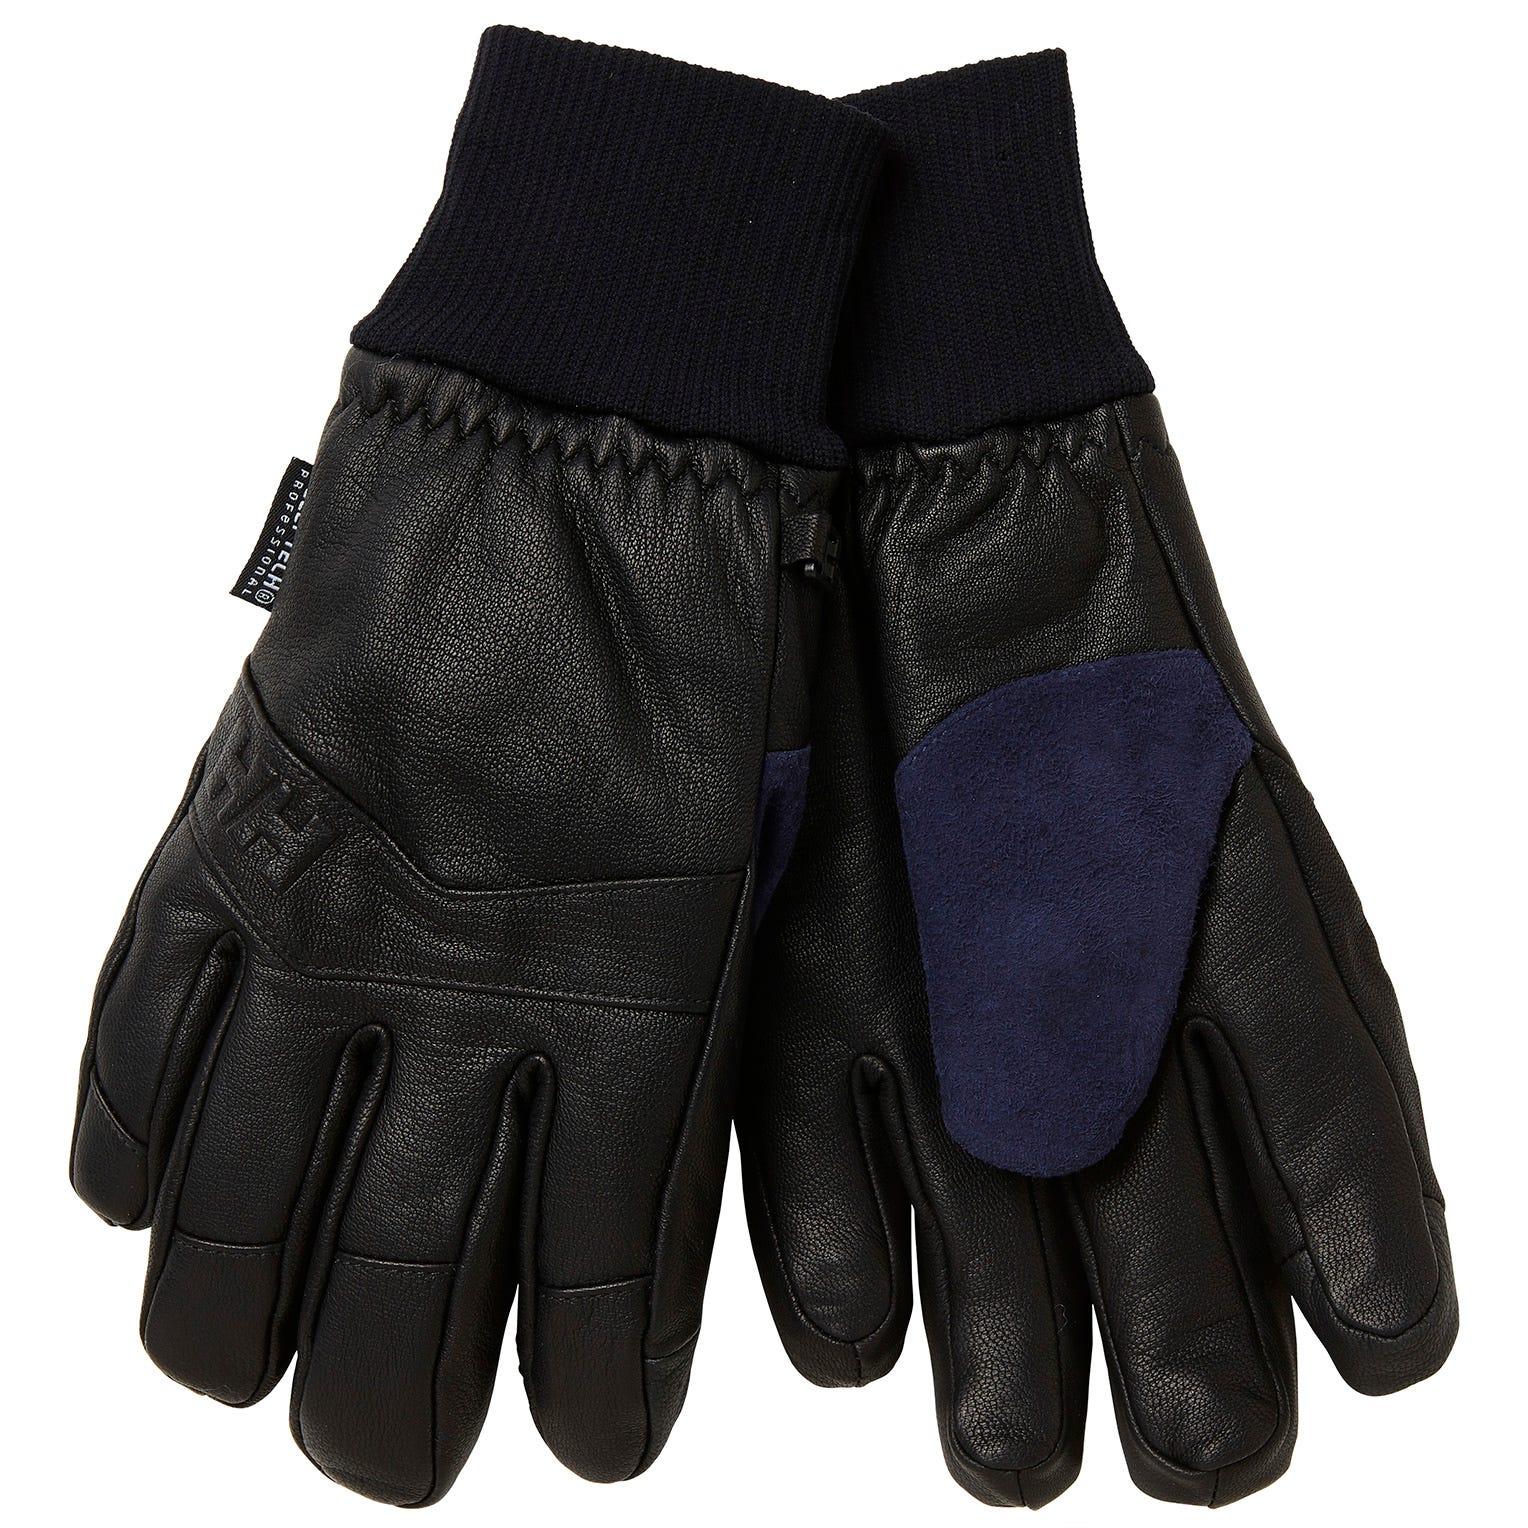 Helly Hansen Traverse Ht Glove Mens Black M